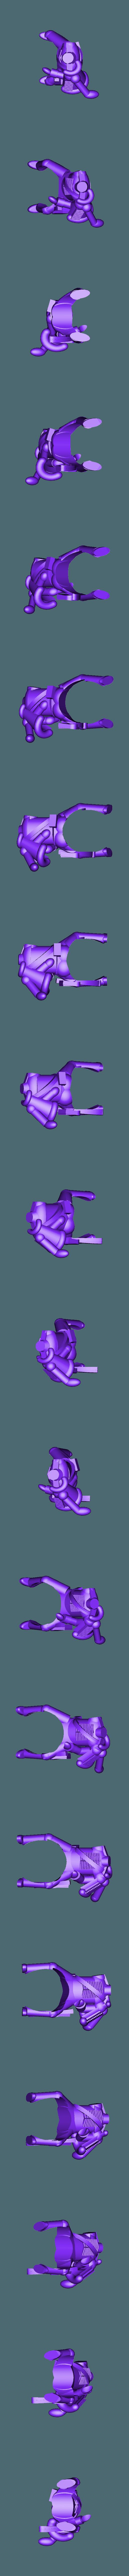 mk3_aus_huss_body_nocarb1.stl Télécharger fichier STL gratuit Napoléonique - Partie 20 - Hussards autrichiens • Design pour impression 3D, Earsling